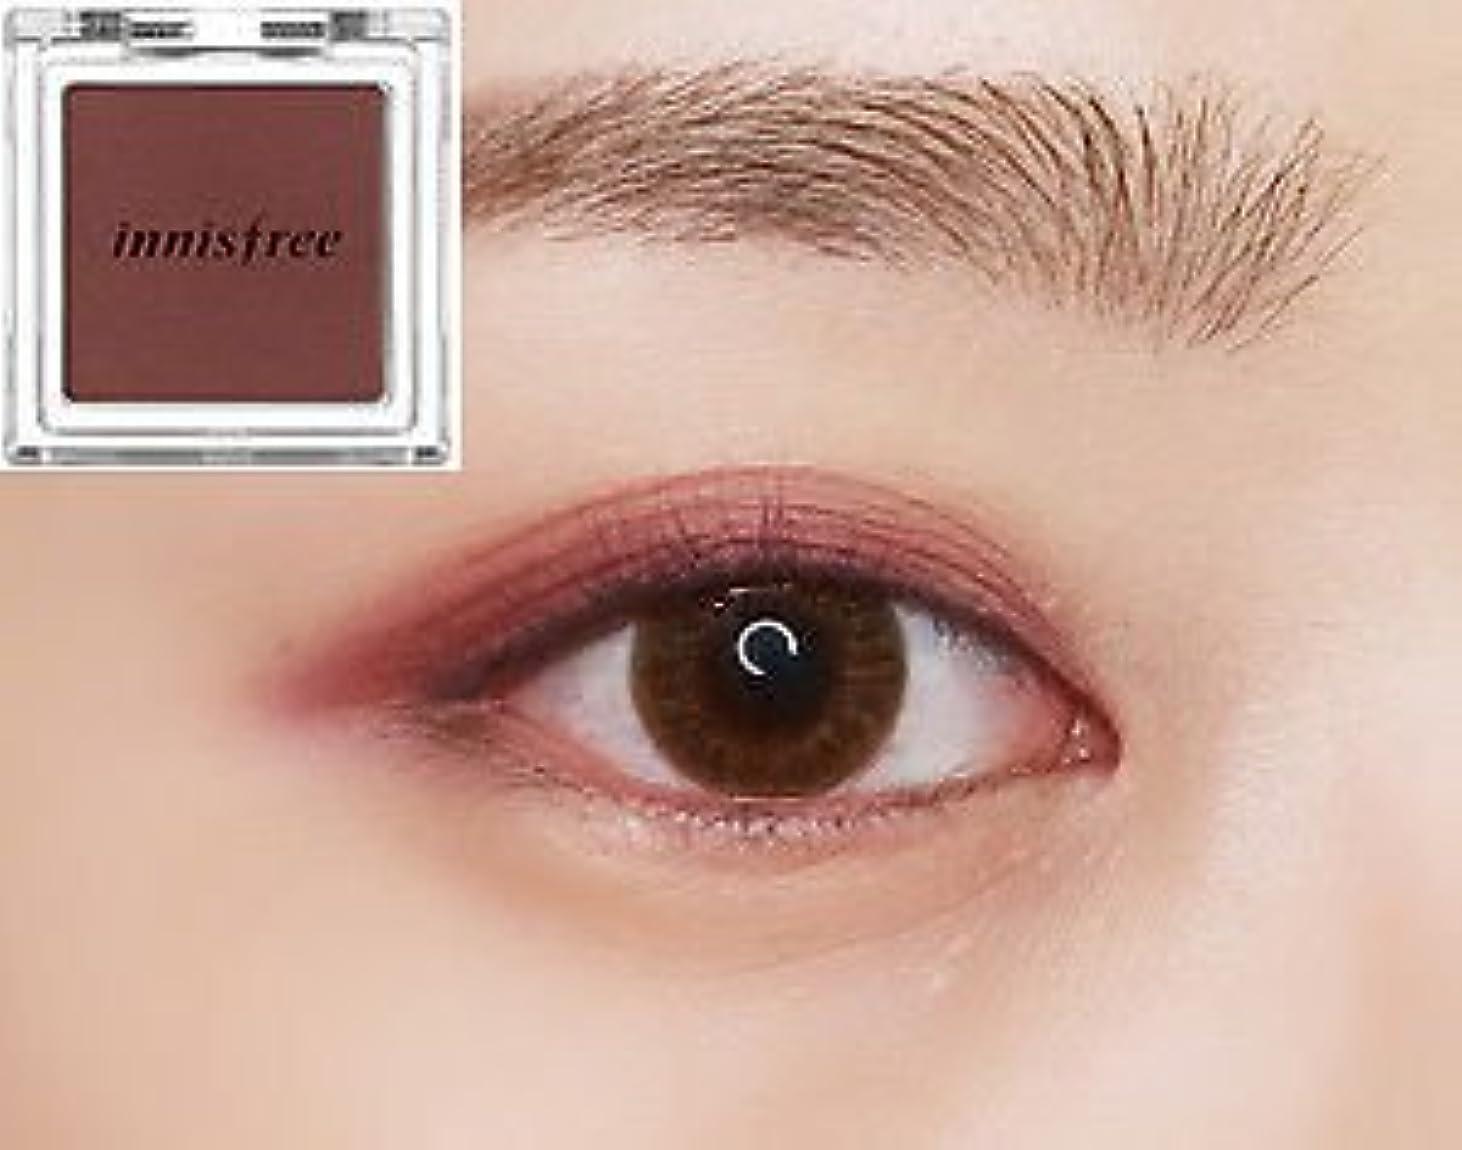 外交問題ゲート高架[イニスフリー] innisfree [マイ パレット マイ アイシャドウ (マット) 40カラー] MY PALETTE My Eyeshadow (Matte) 40 Shades [海外直送品] (マット #30)